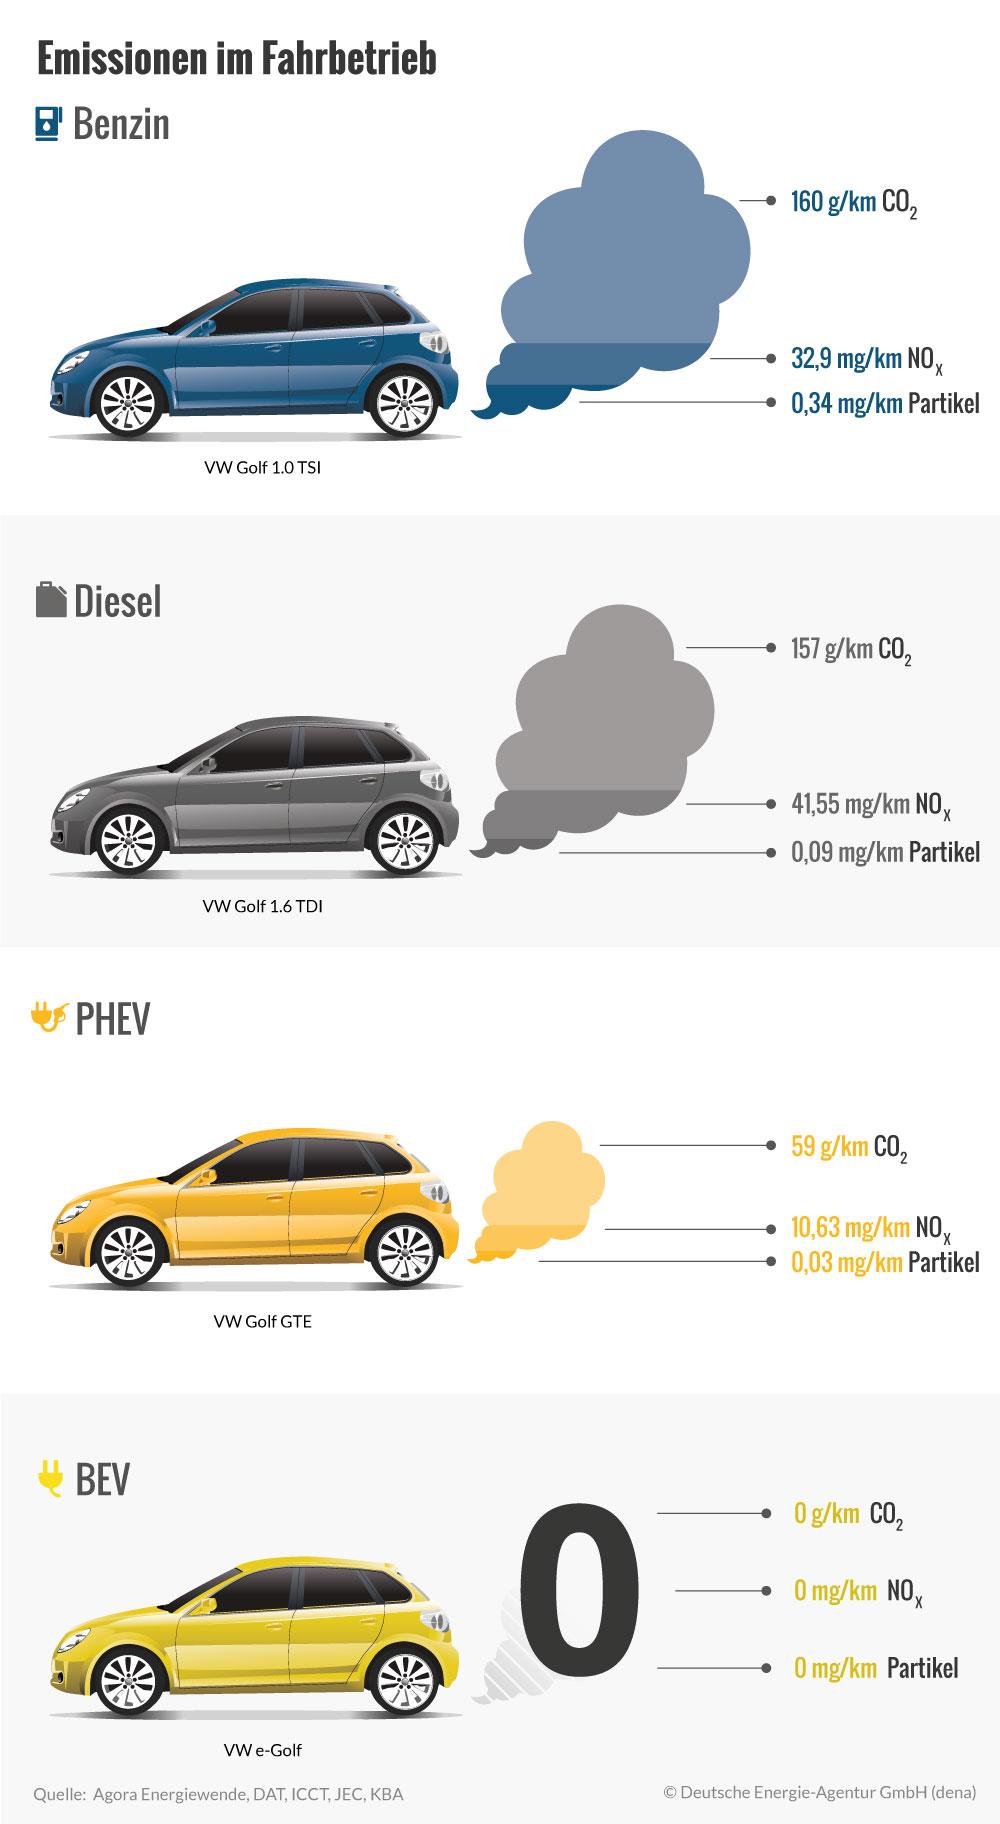 emissionen-bev-phev